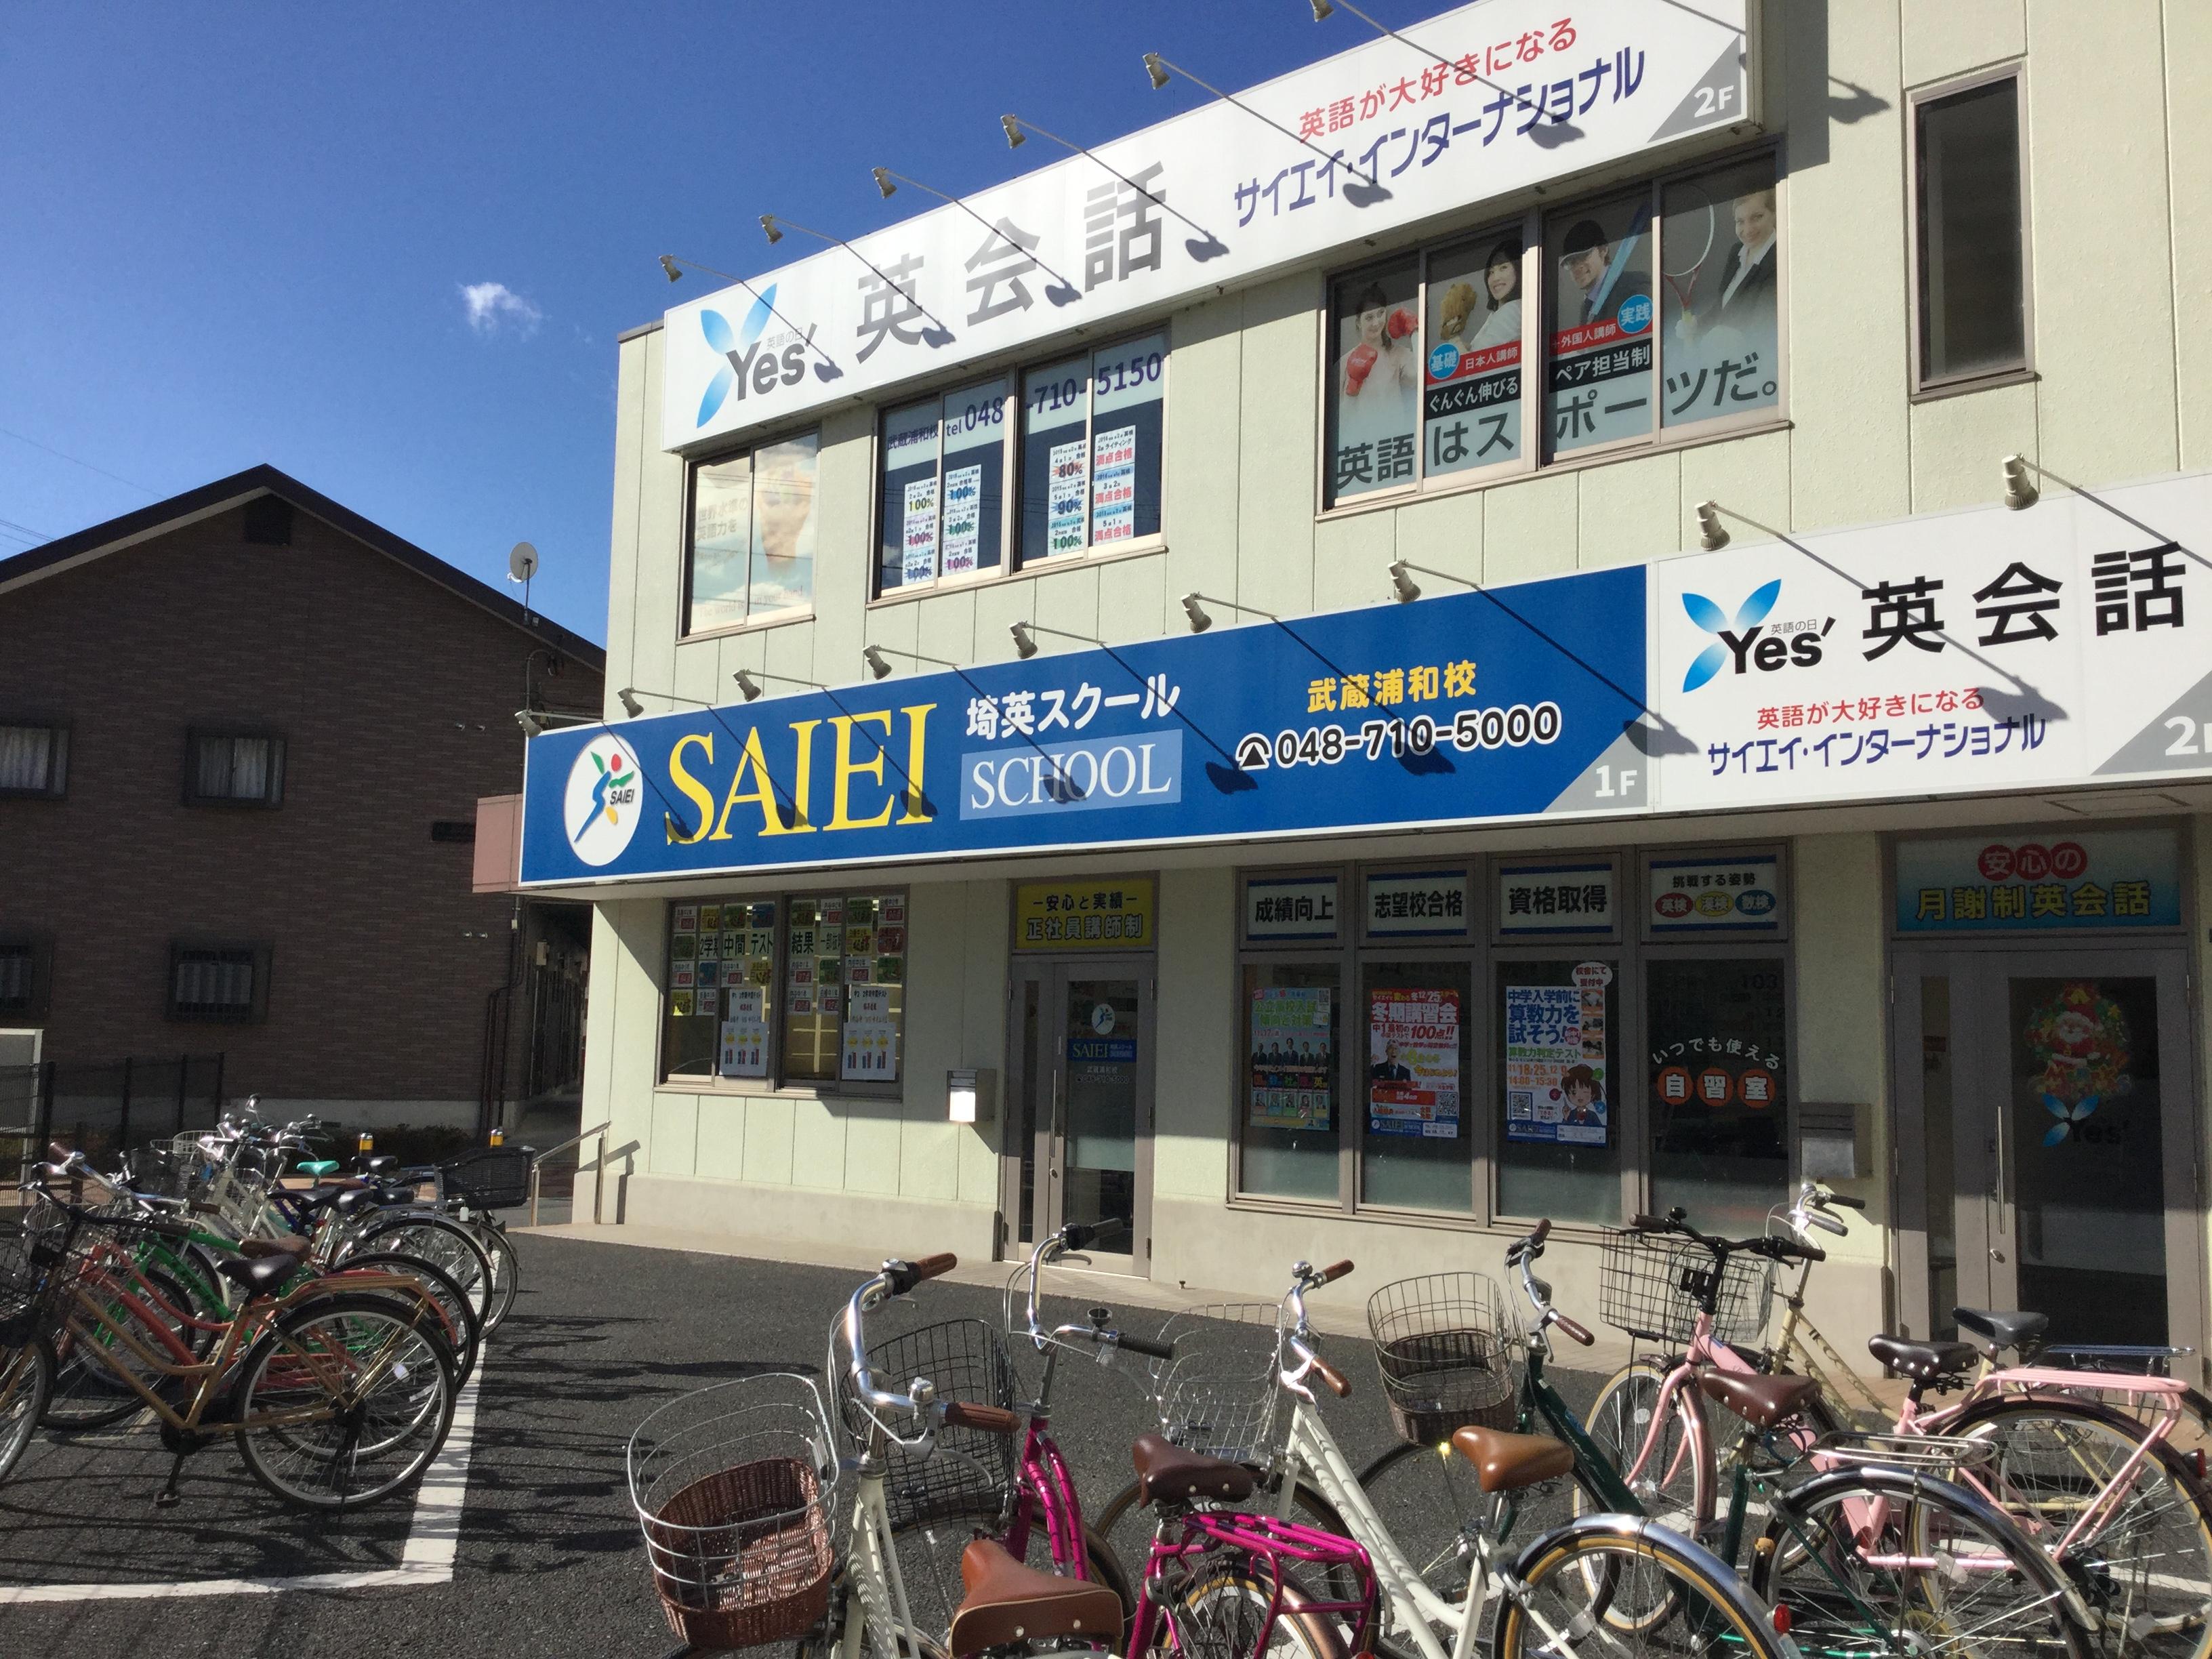 定期テスト、検定、みんなそれぞれの目標をもって自習室をフル活用で頑張っています!今日も武蔵浦和校の前は自転車でいっぱいです!!